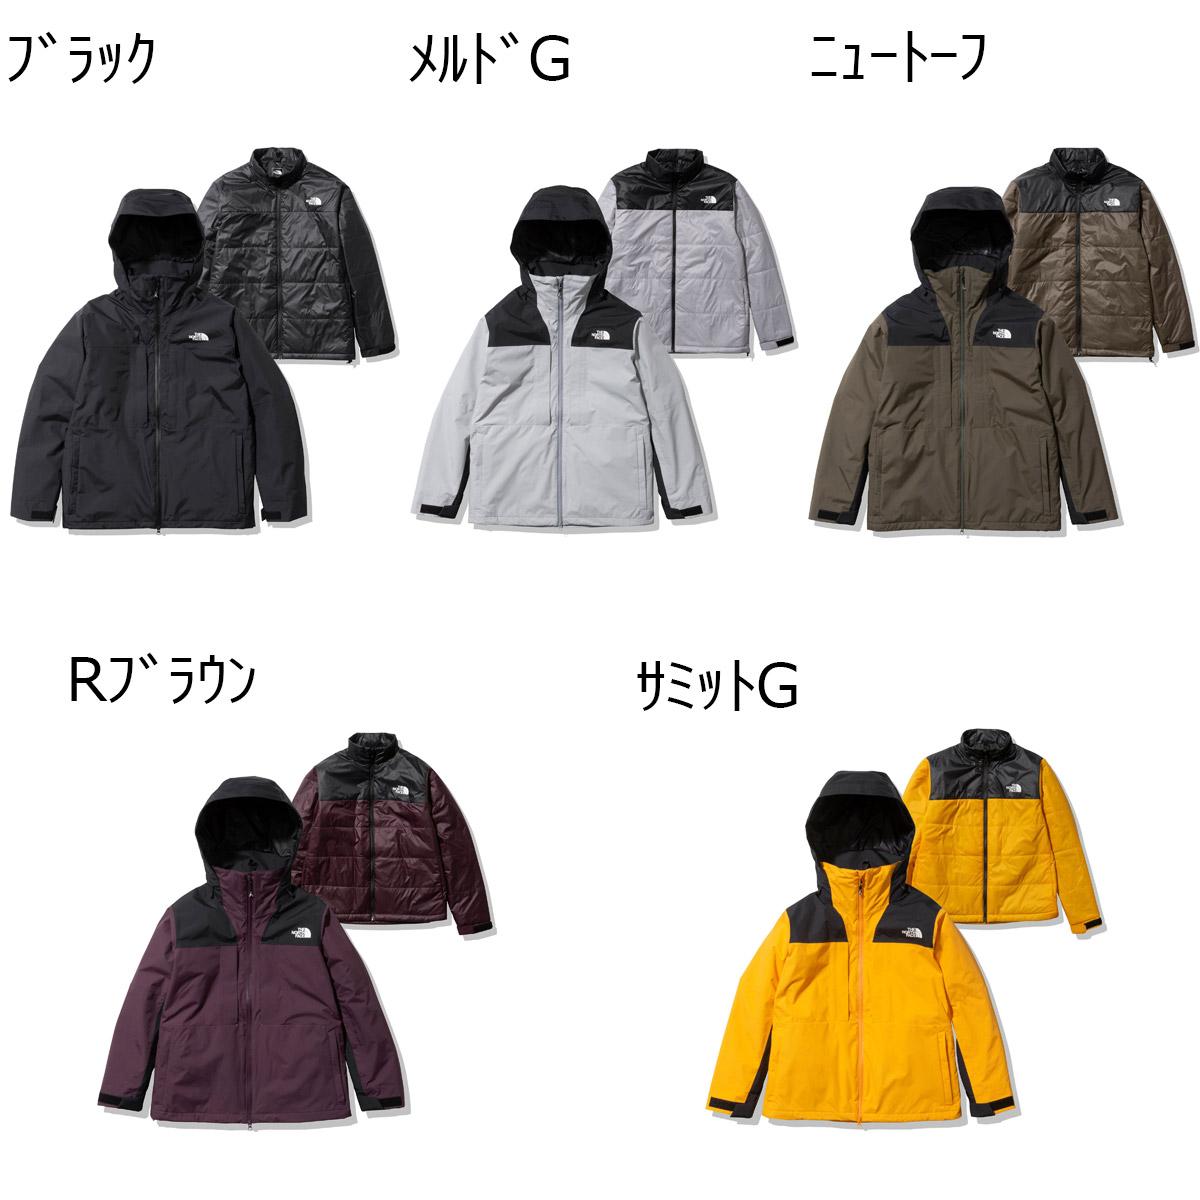 ¥11 000以上で送料無料 セール ノースフェイス STORMPEAK TRIC JK NS62003 業界No.1 THE FACE NORTH スノーボードウェア メンズ 20-21 スーパーセール期間限定 レディース